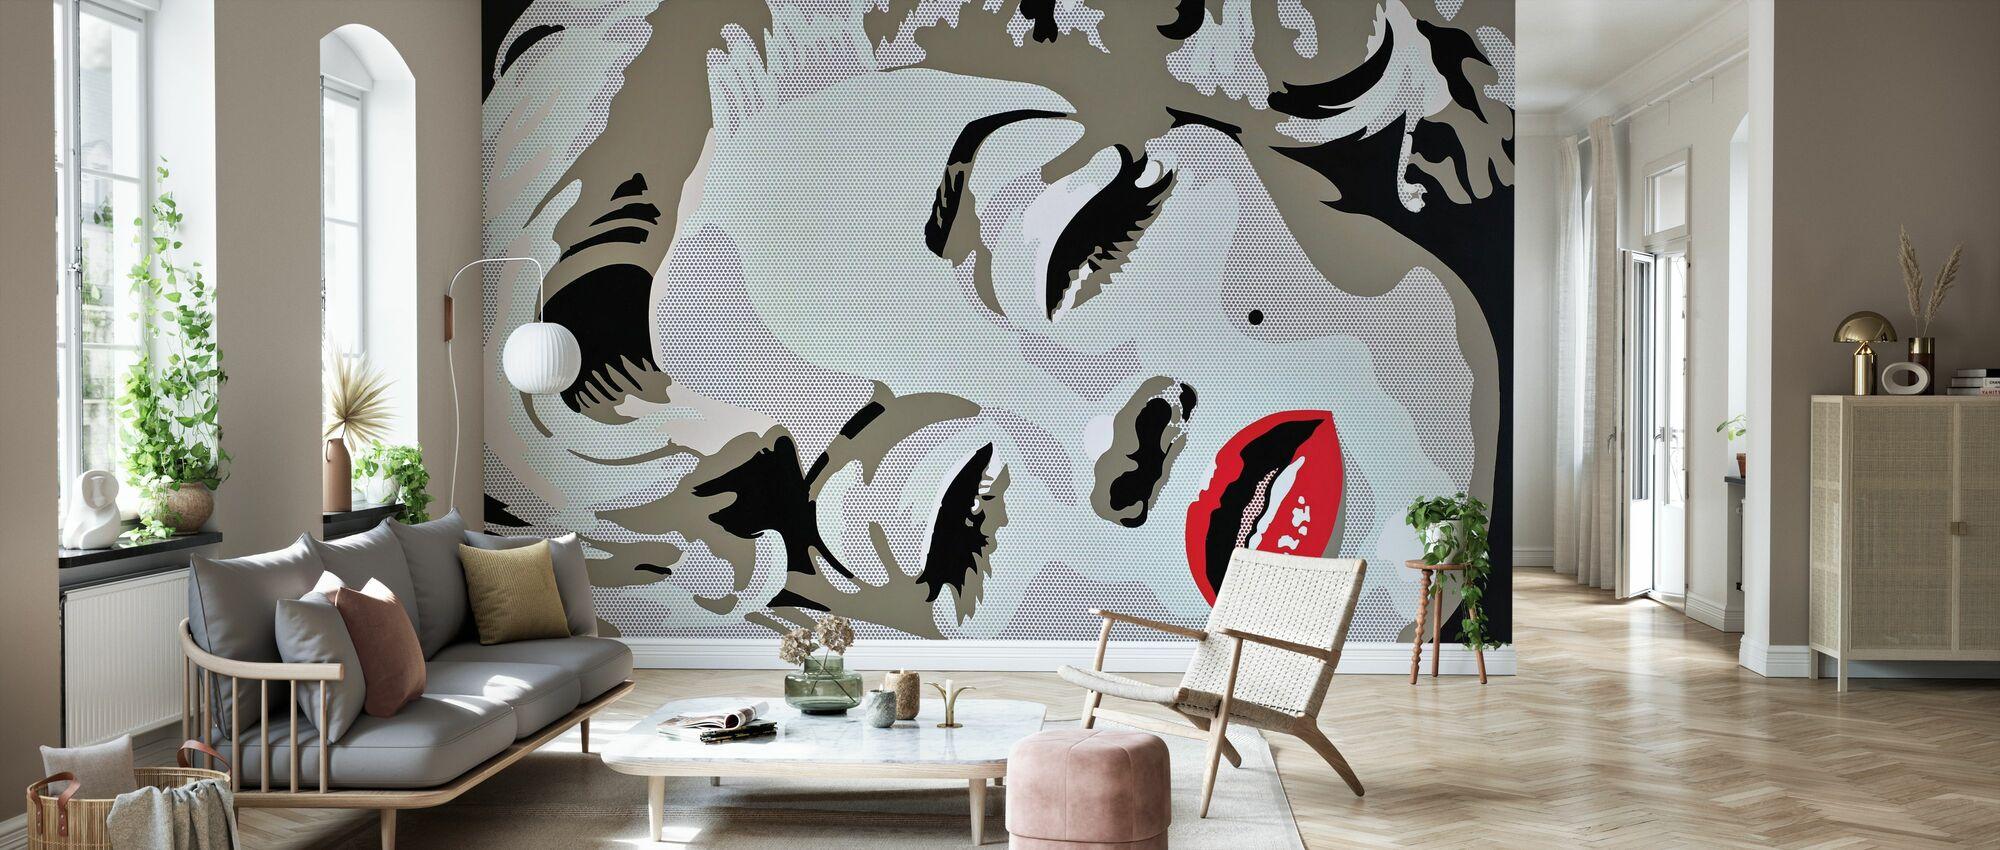 Sleeping Star - Wallpaper - Living Room